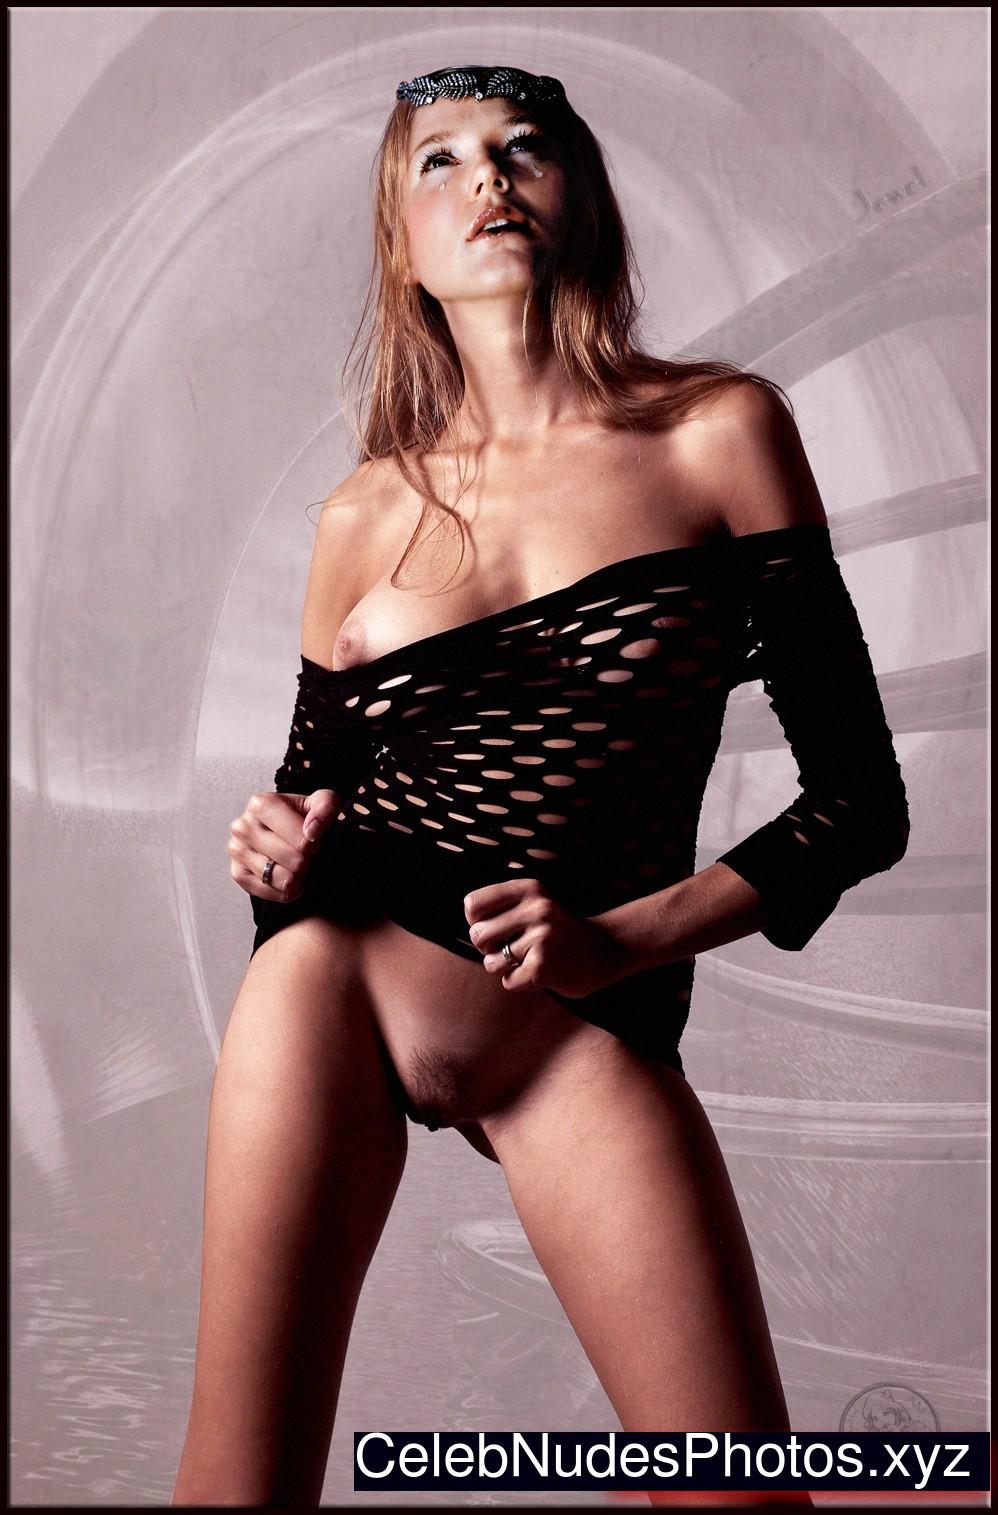 jewel kilcher nude